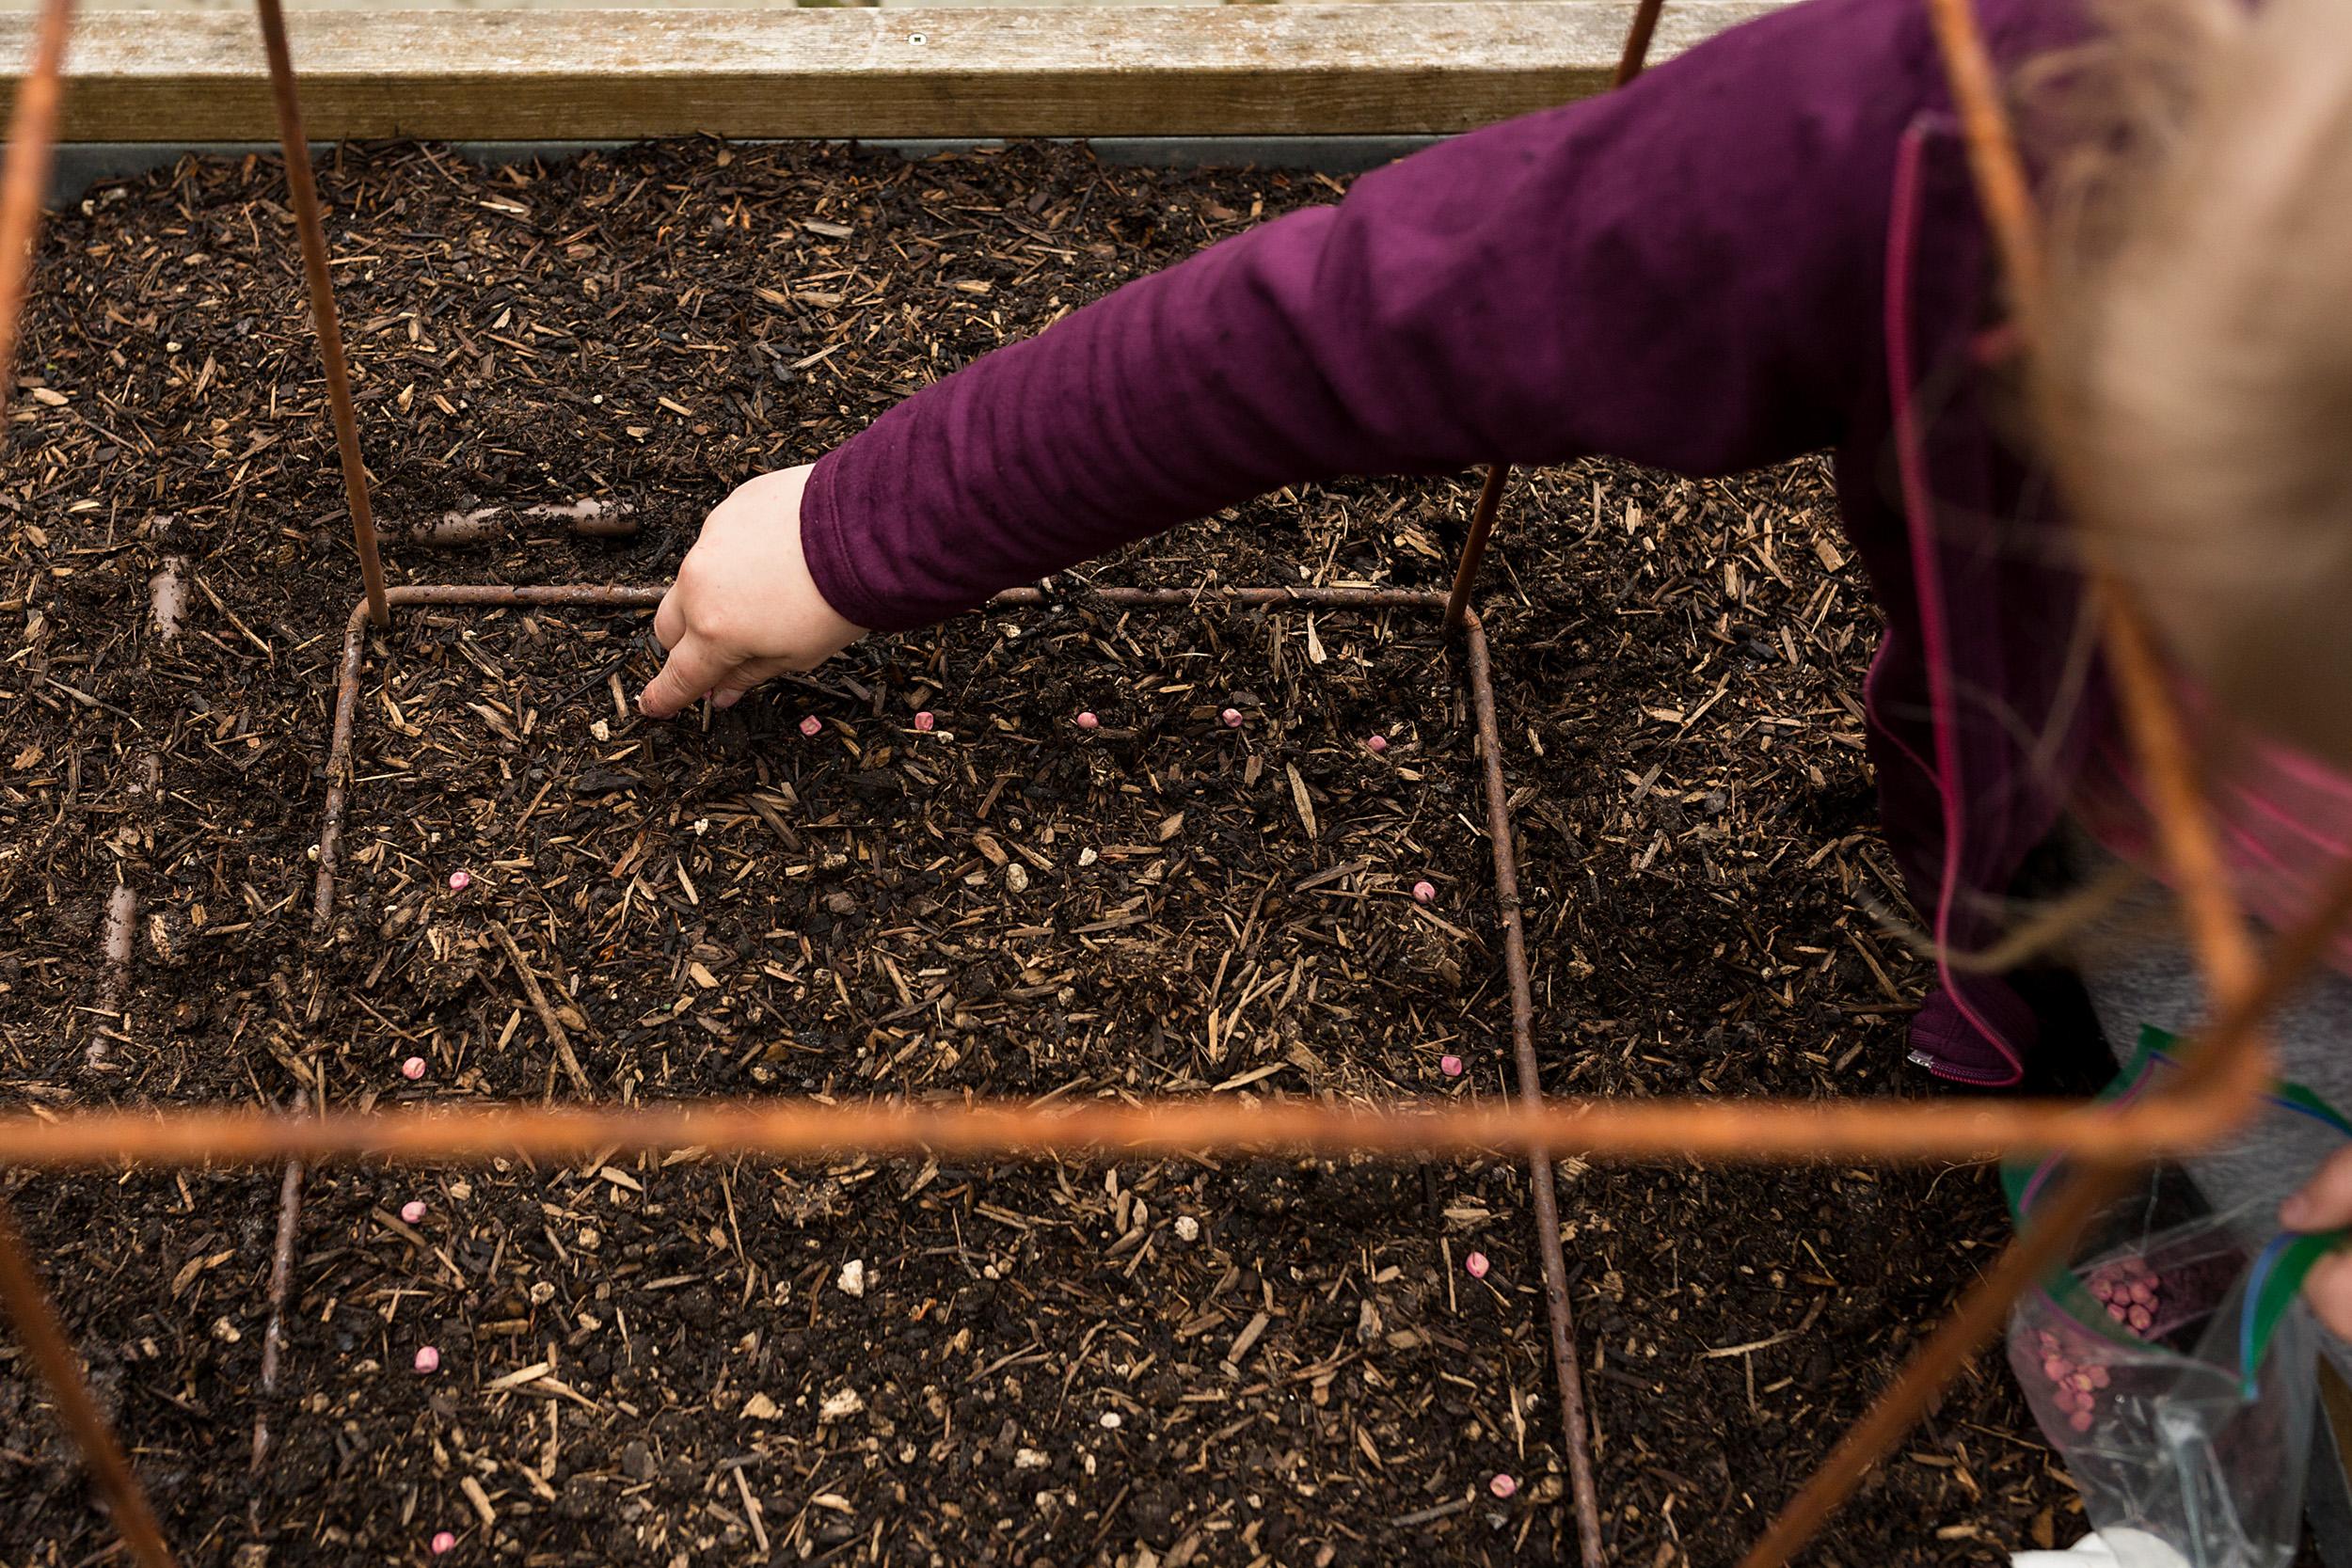 girl plants pea seeds in garden bed